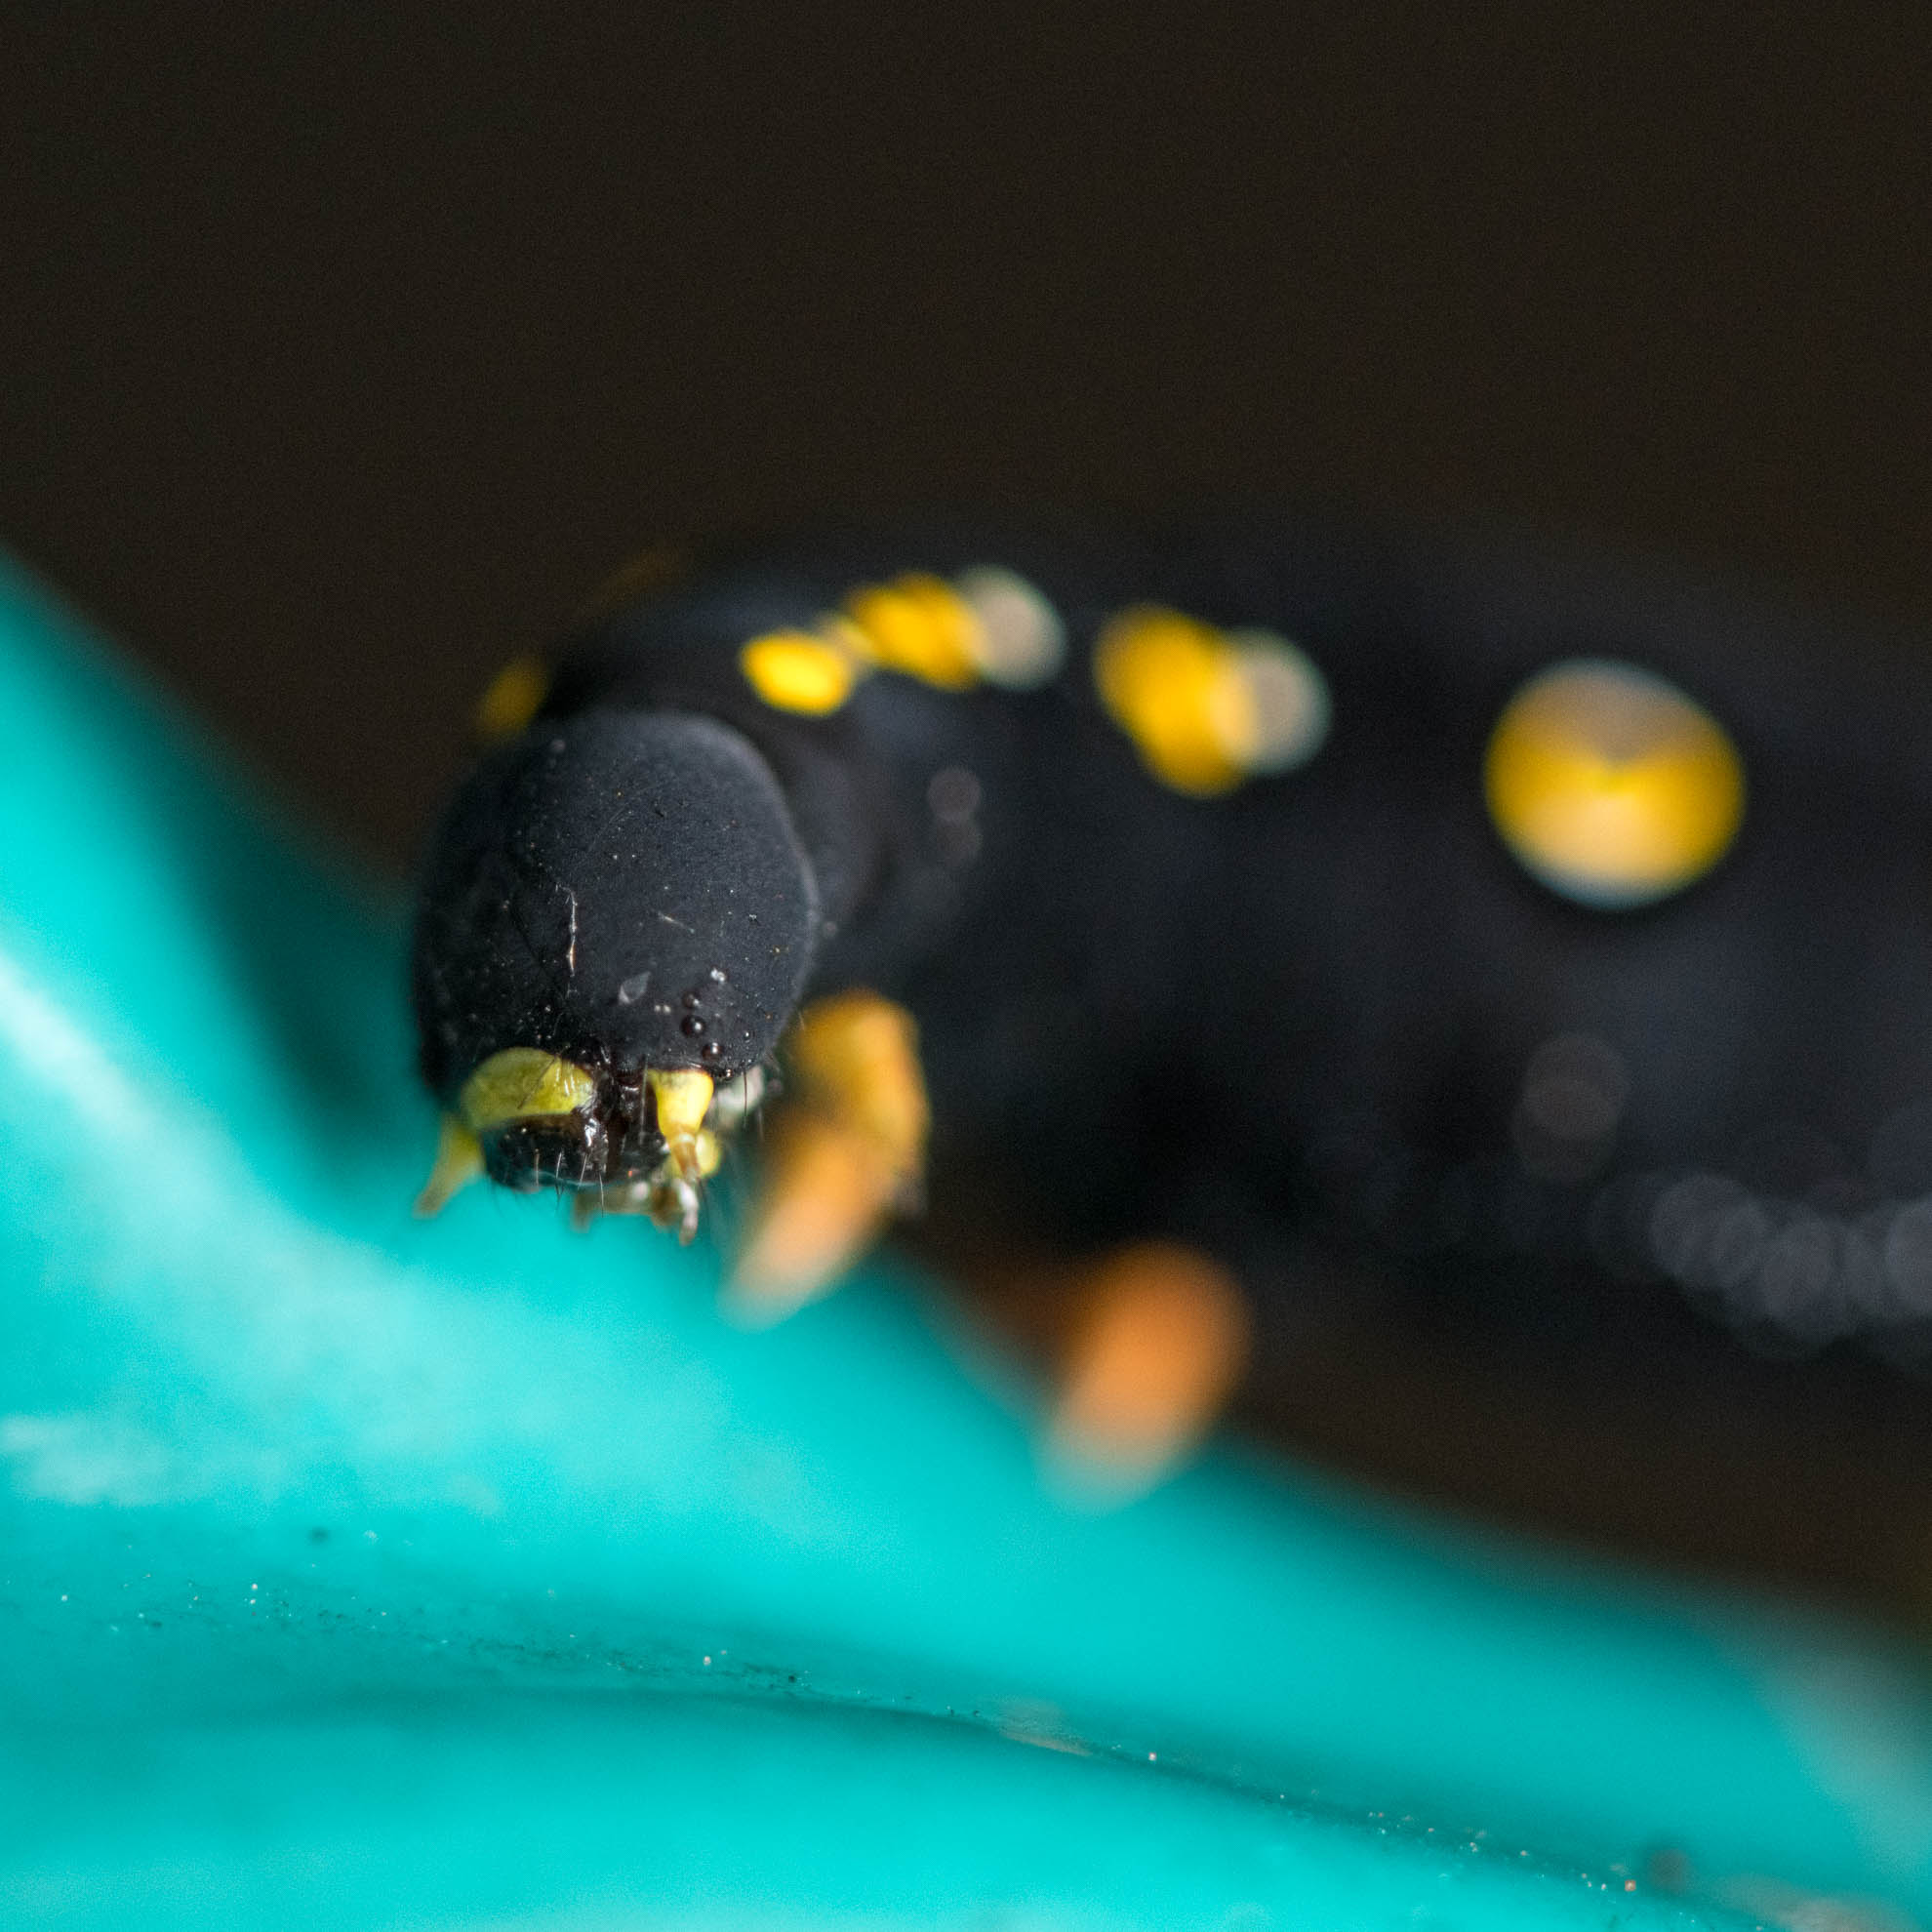 セスジスズメの幼虫